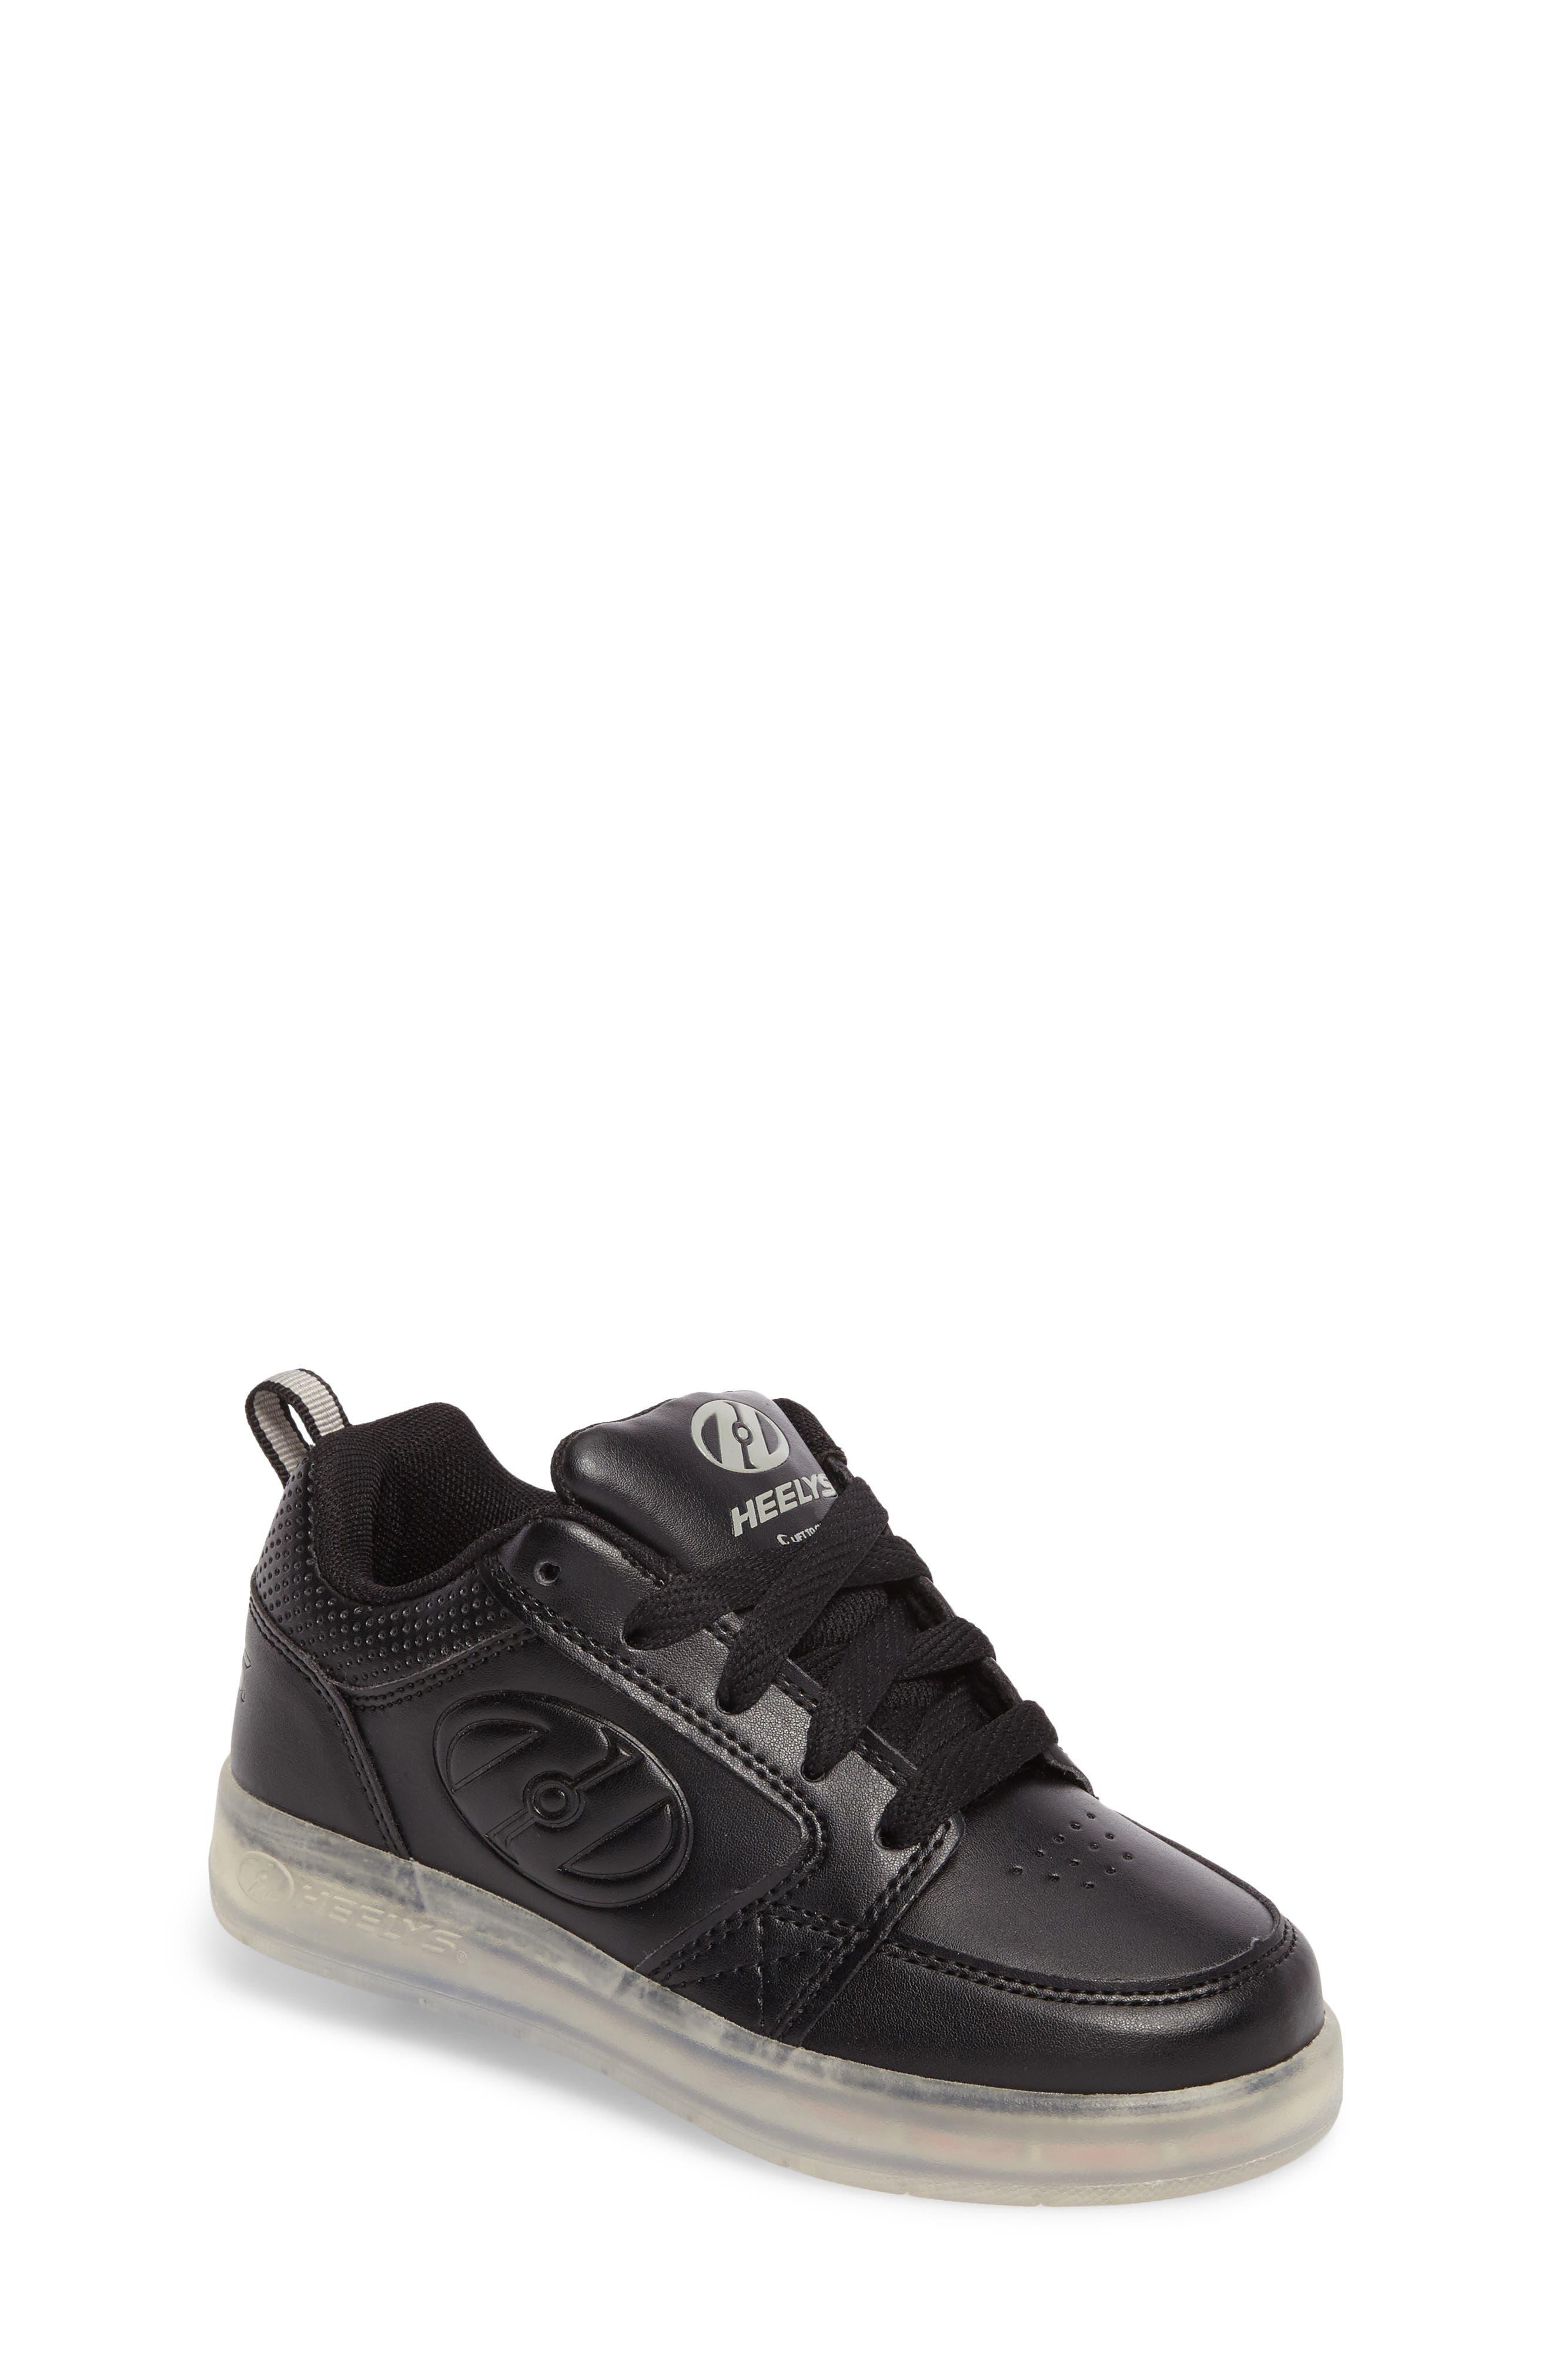 Heelys Premium Light-Up Skate Shoe (Little Kid & Big Kid)